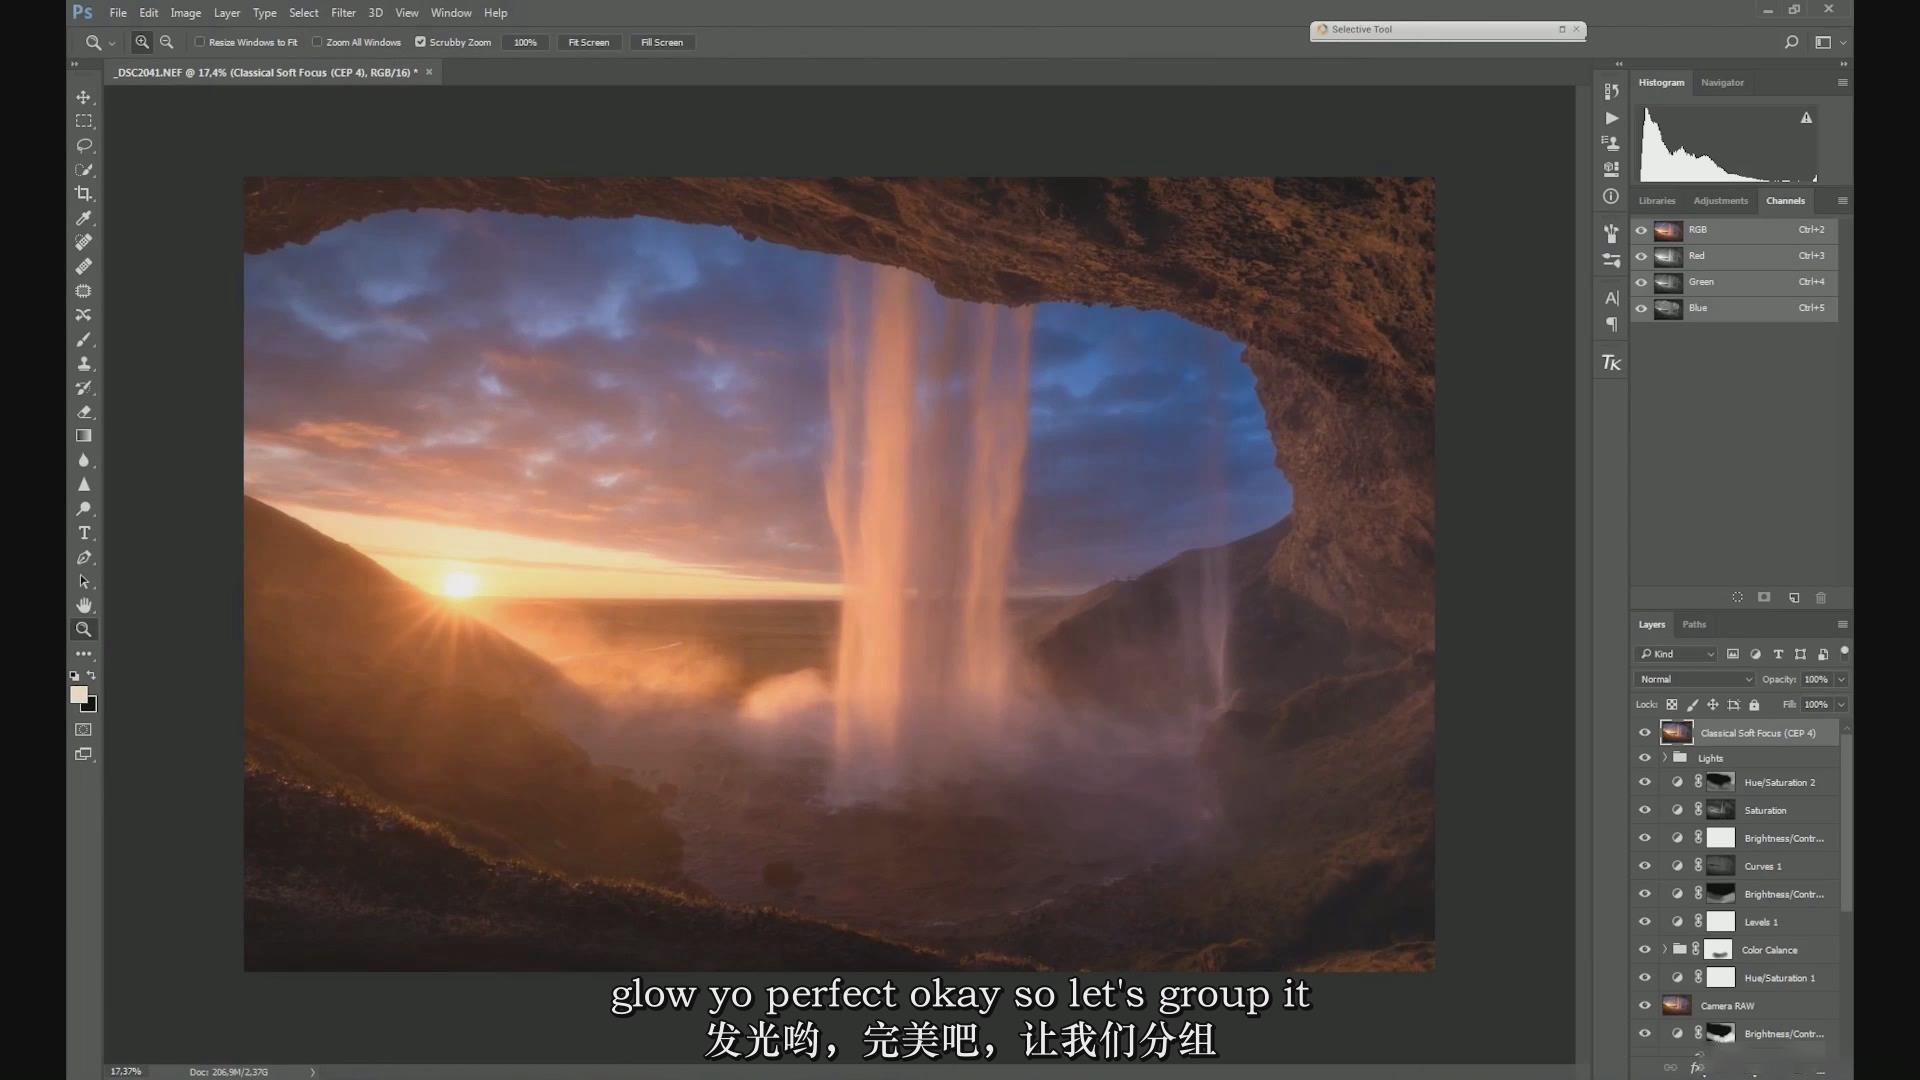 摄影教程_Daniel Fleischhacker景观和自然风光摄影Photoshop后期大师班-中英字幕 摄影教程 _预览图13